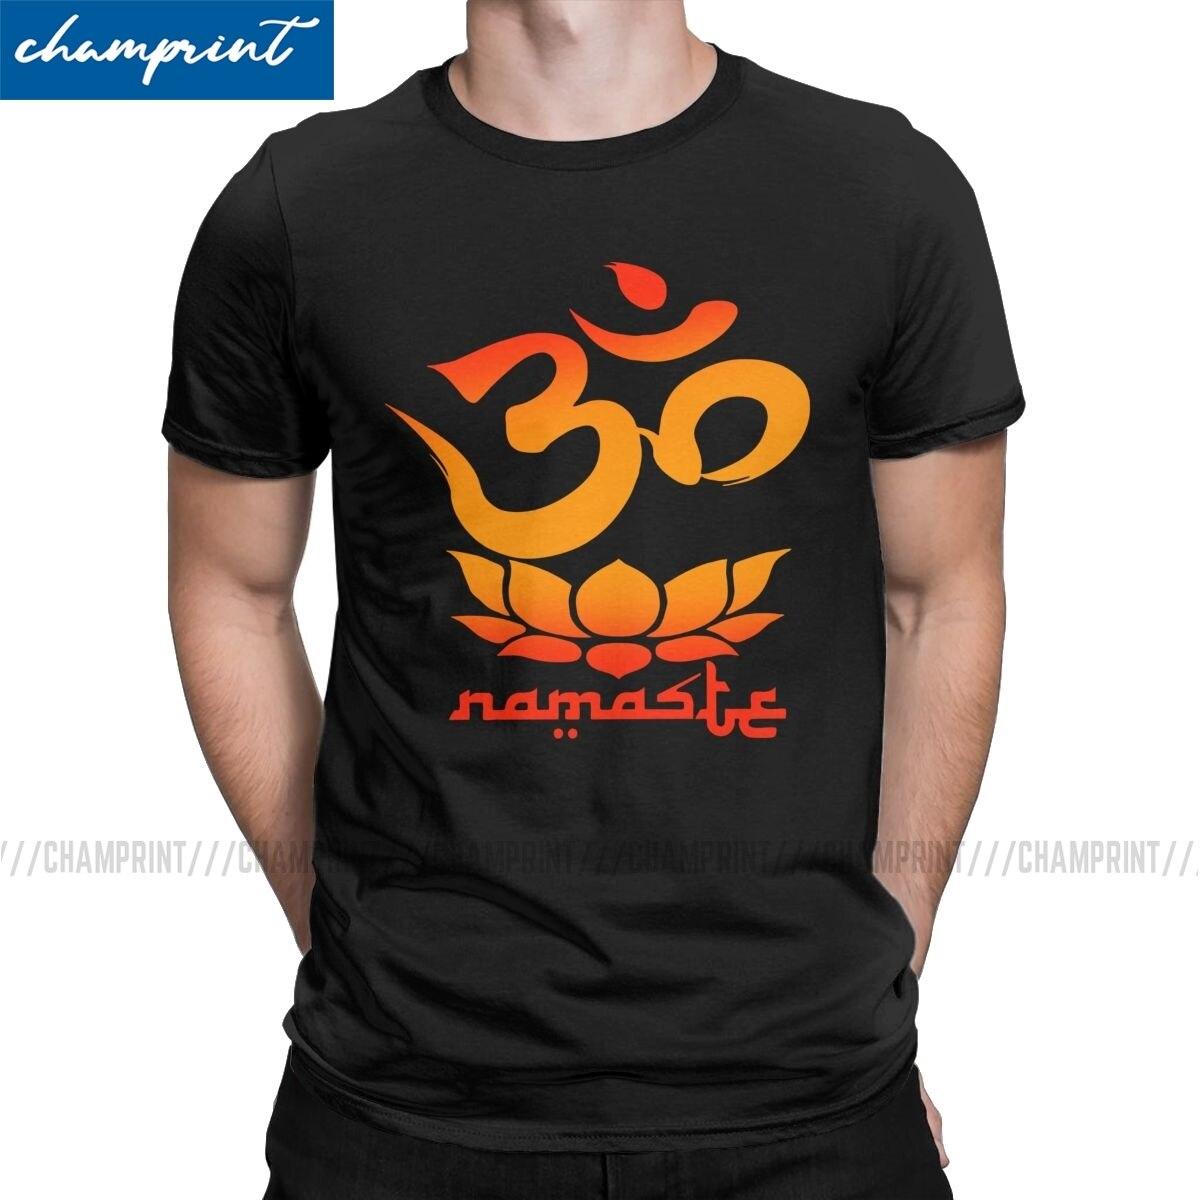 Uomini Namaste Simbolo Con Fiore di Loto T Camicette Shiva Indù Ganesha Dio India Lingam Vestiti Per Il Tempo Libero Magliette Regalo Di Compleanno